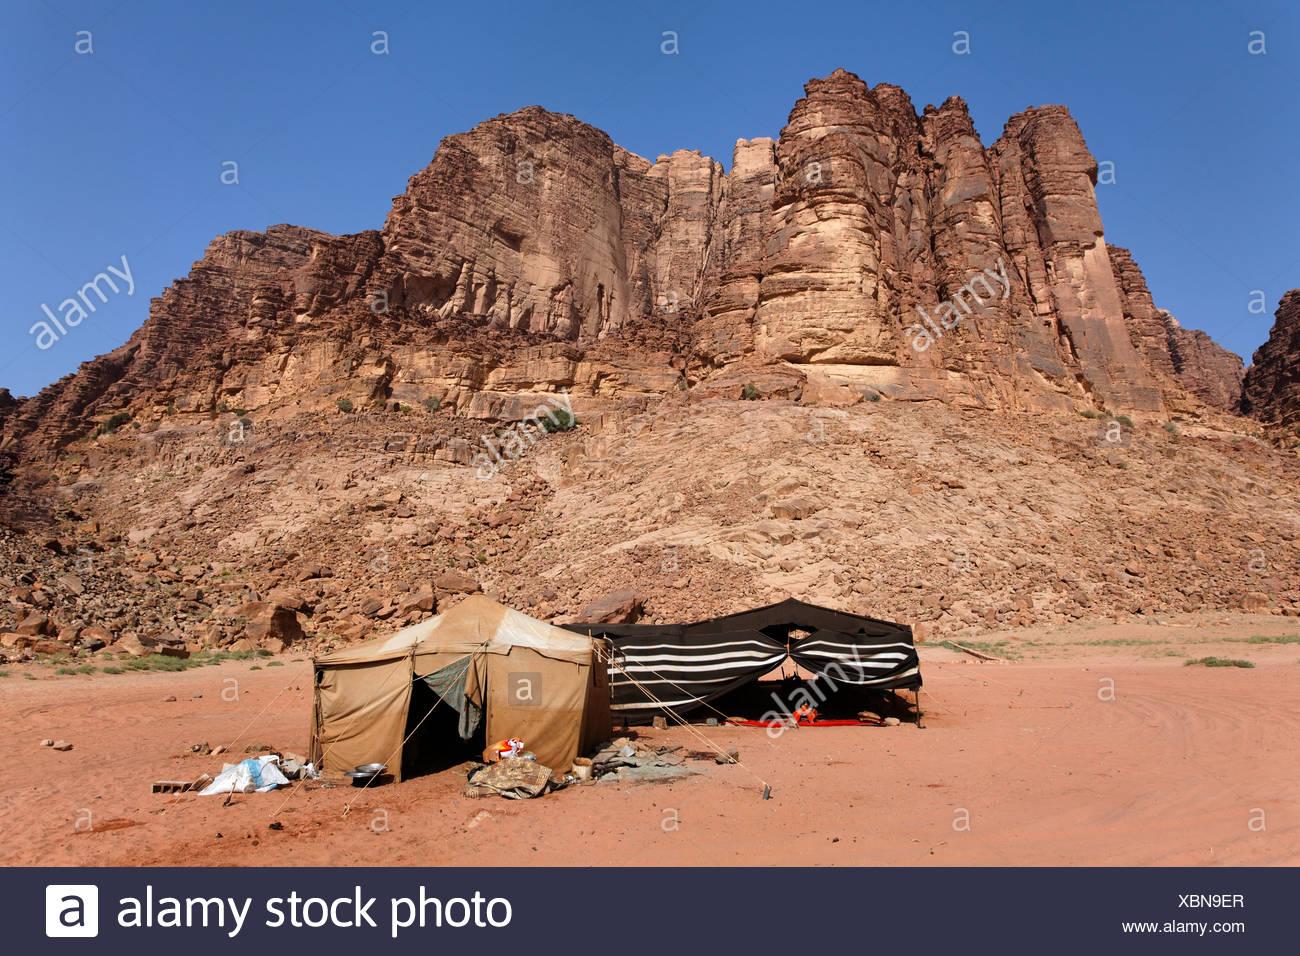 Montagna con Lawrence della primavera, Accampamento Beduino, Lawrence d'Arabia, deserto Wadi Rum, Regno Hascemita di Giordania, Medio Oriente Immagini Stock